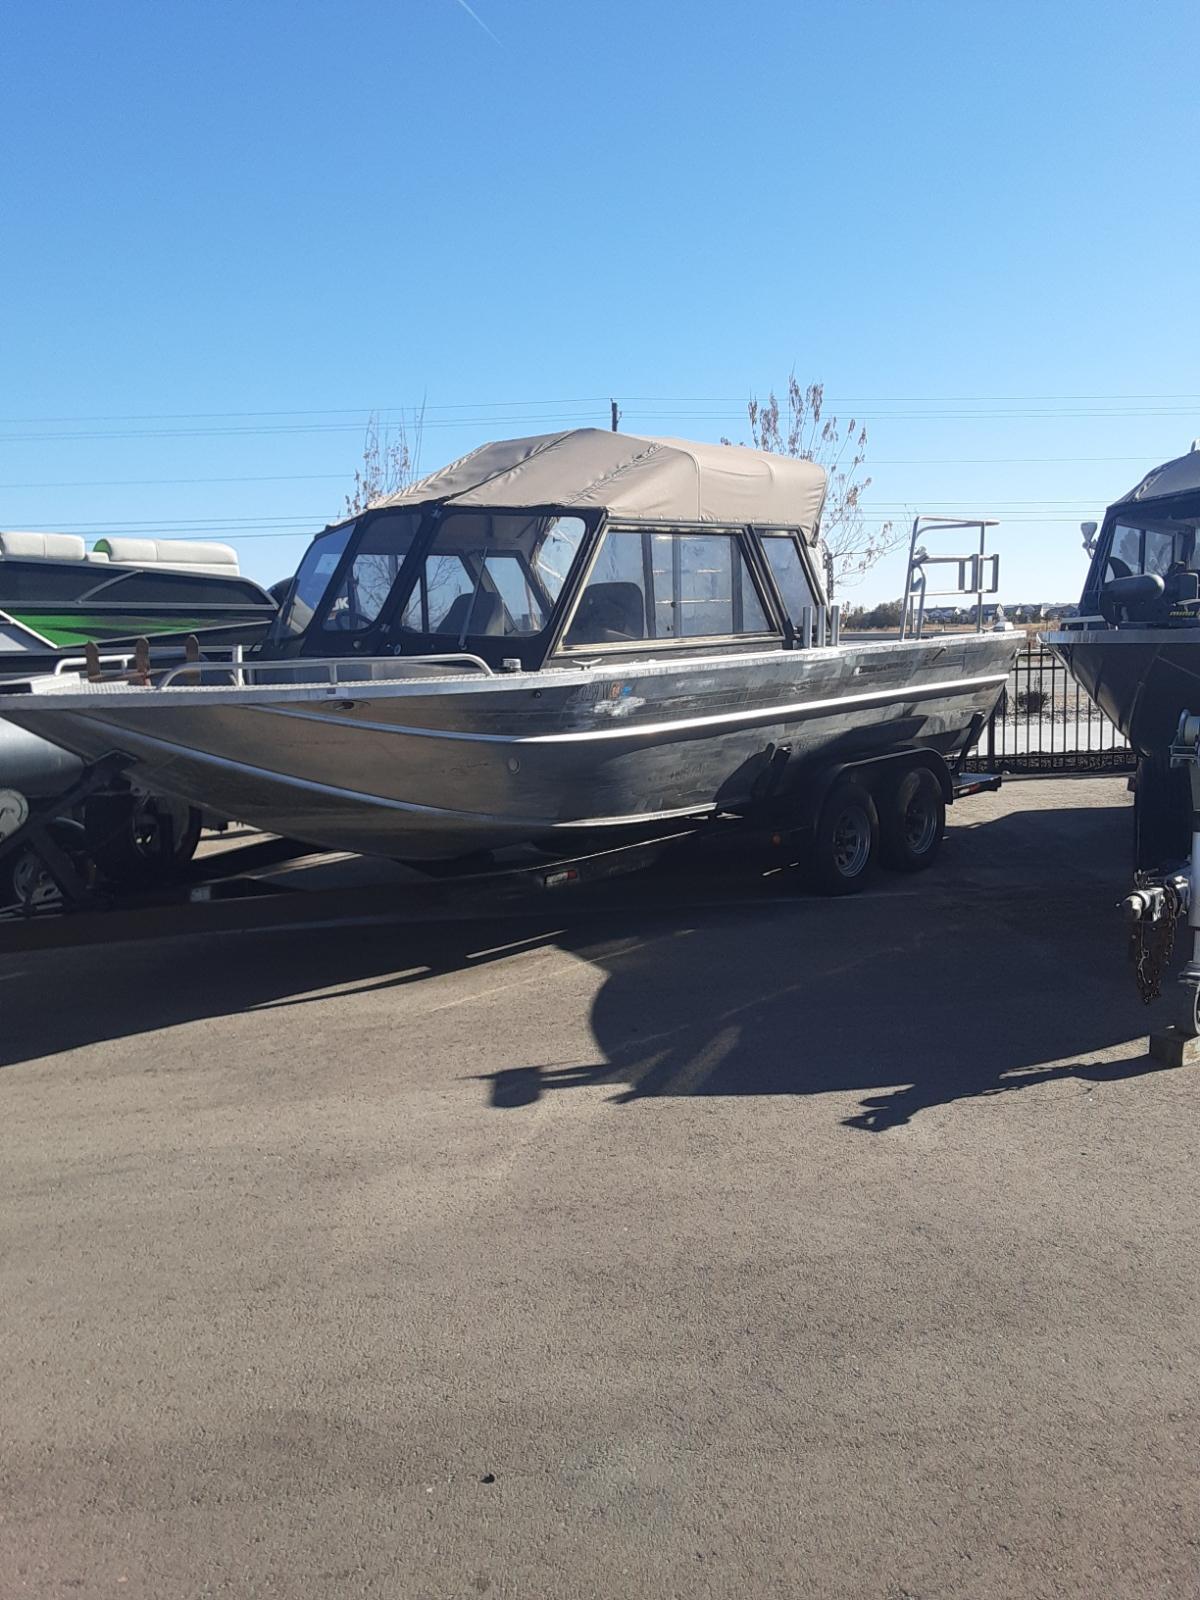 1990 Miller boat 22ft-$29,999